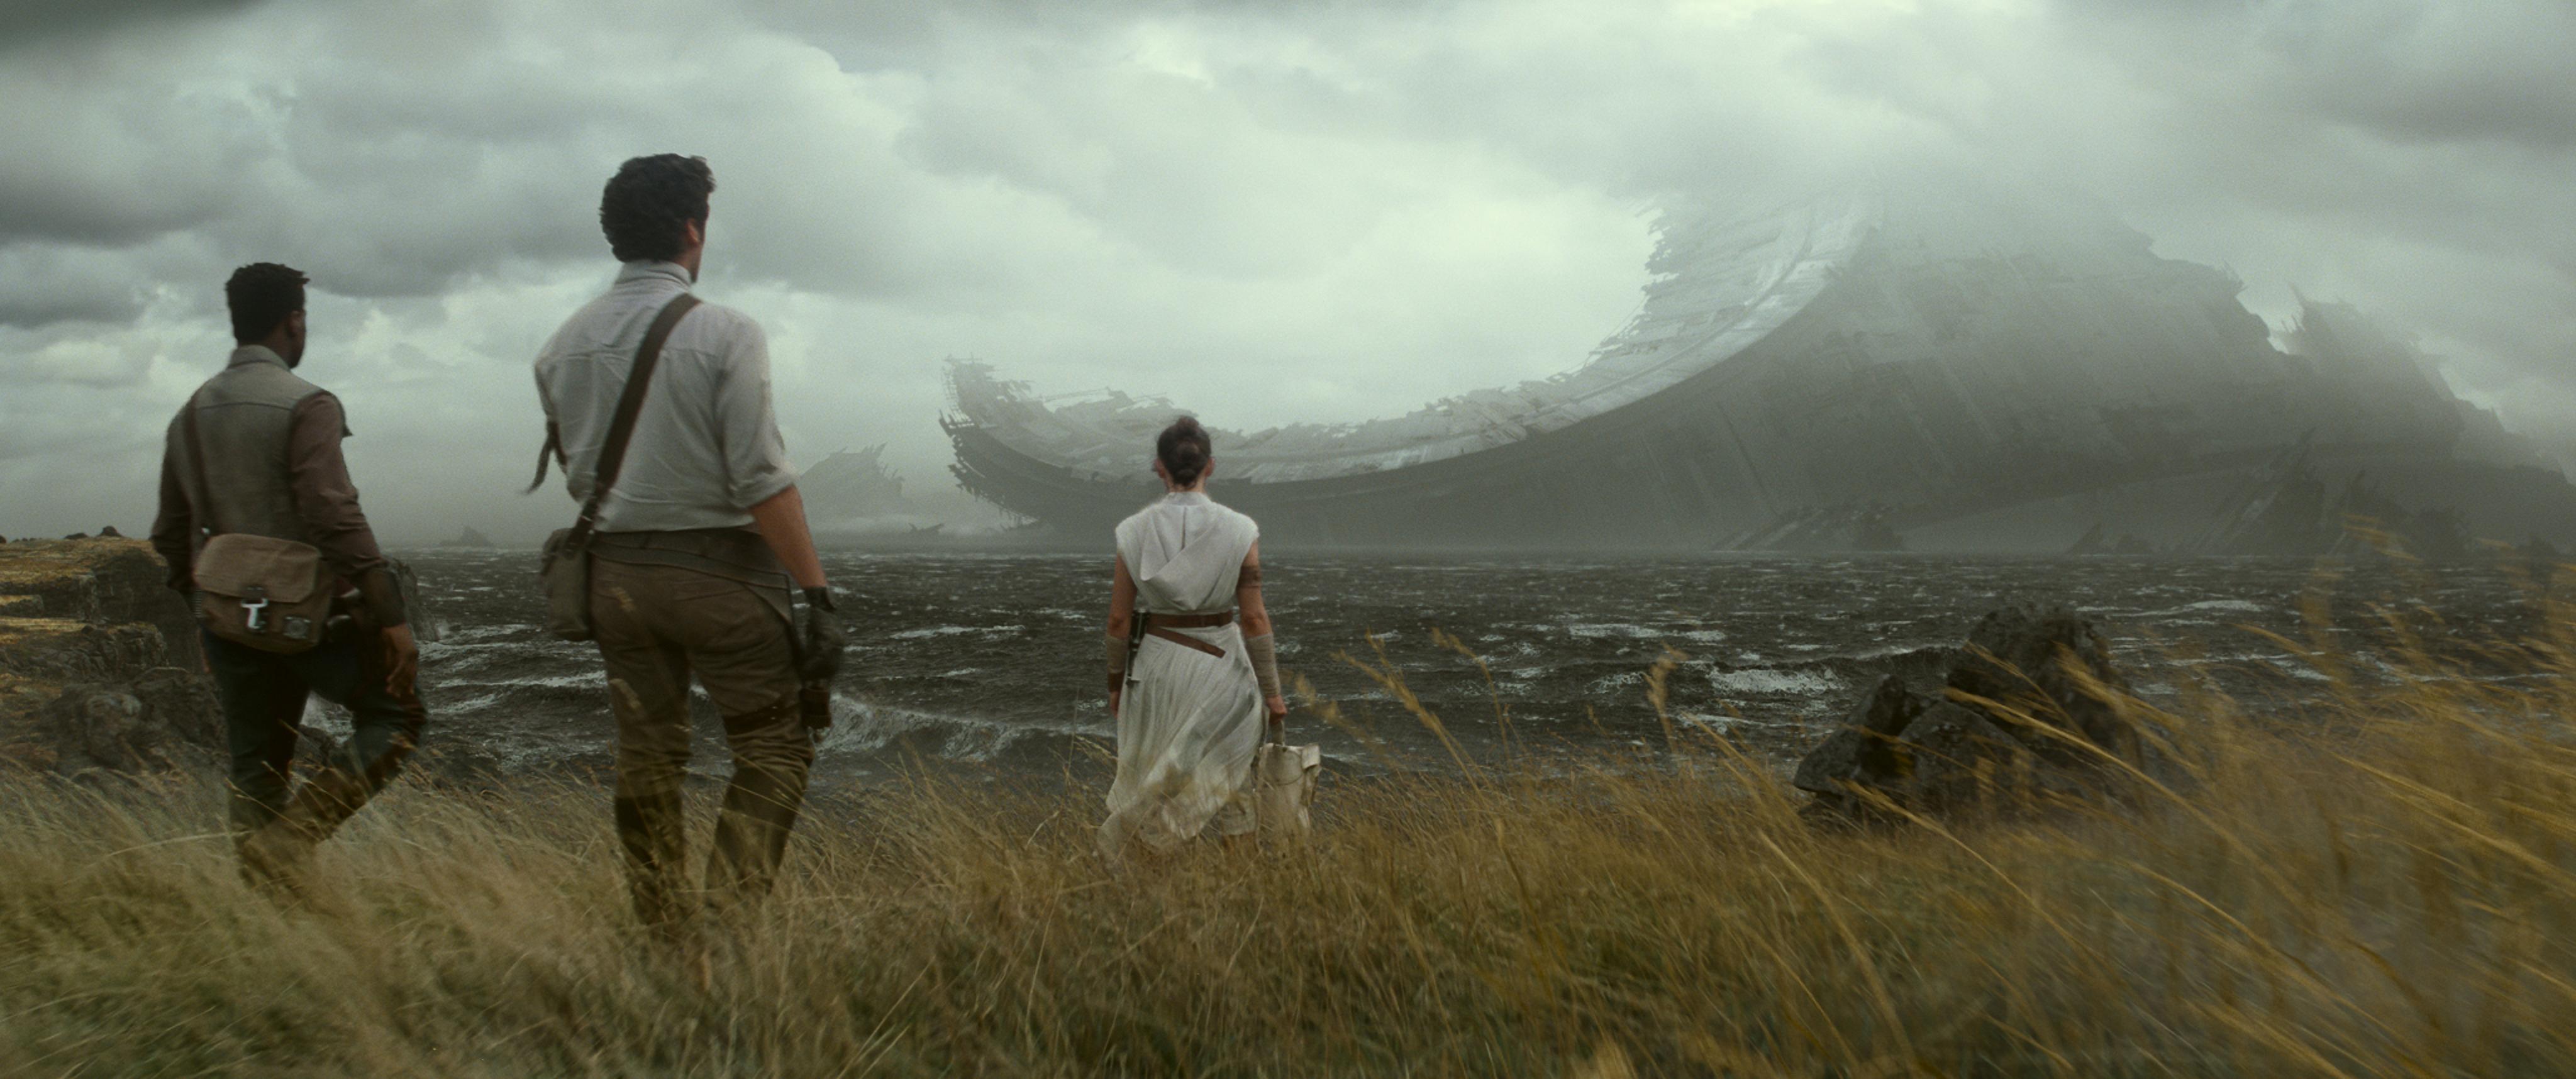 The Rise of Skywalker pone fin a la saga y conecta con elementos de la trilogía original.